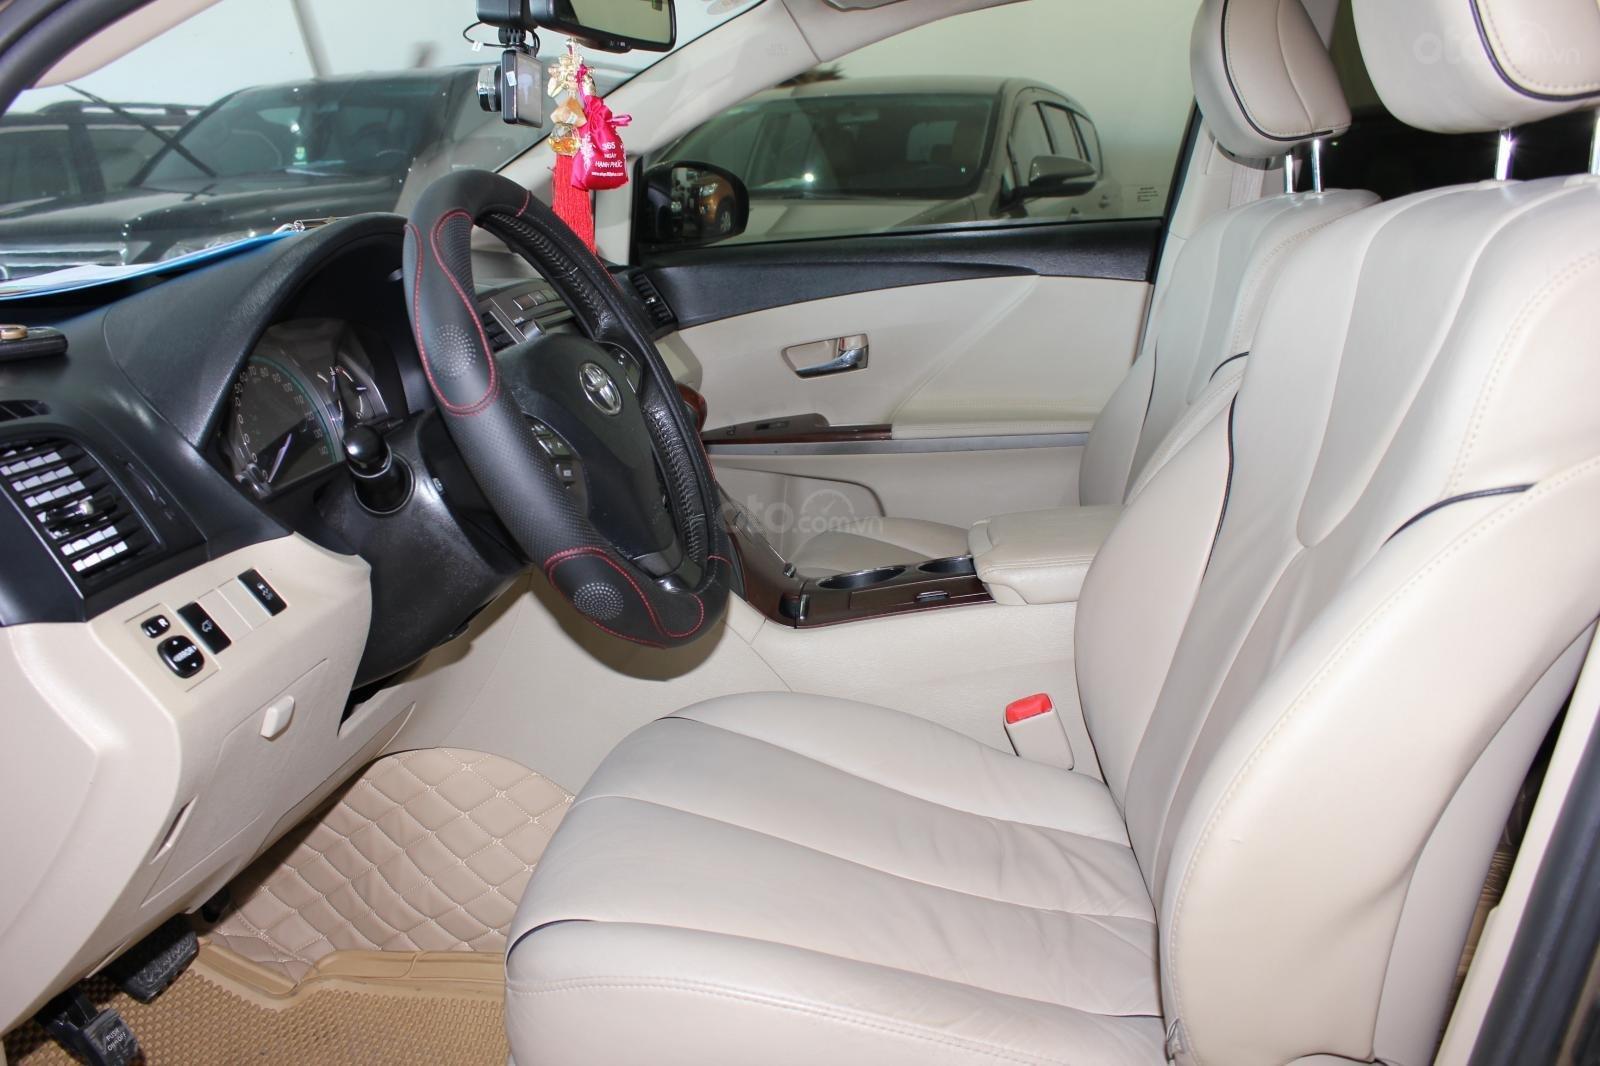 Bán ô tô Toyota Venza năm sản xuất 2011, màu nâu, nhập khẩu -5